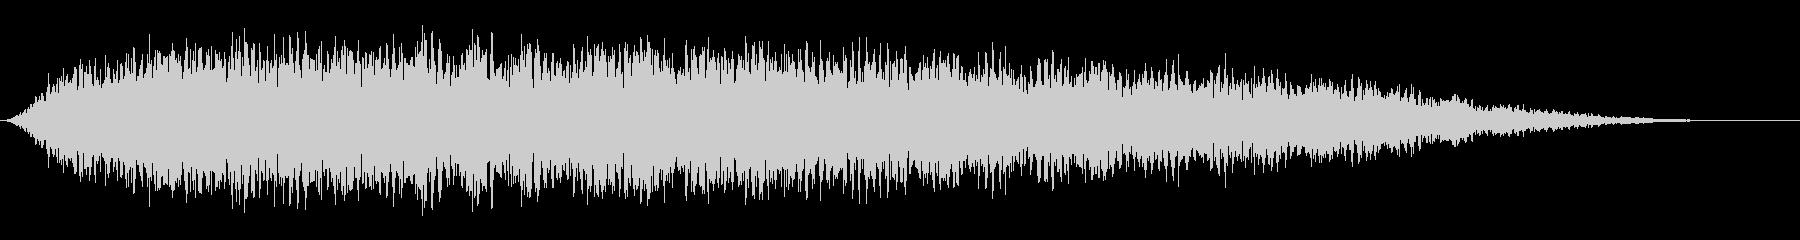 ソフトテンションコード1の未再生の波形